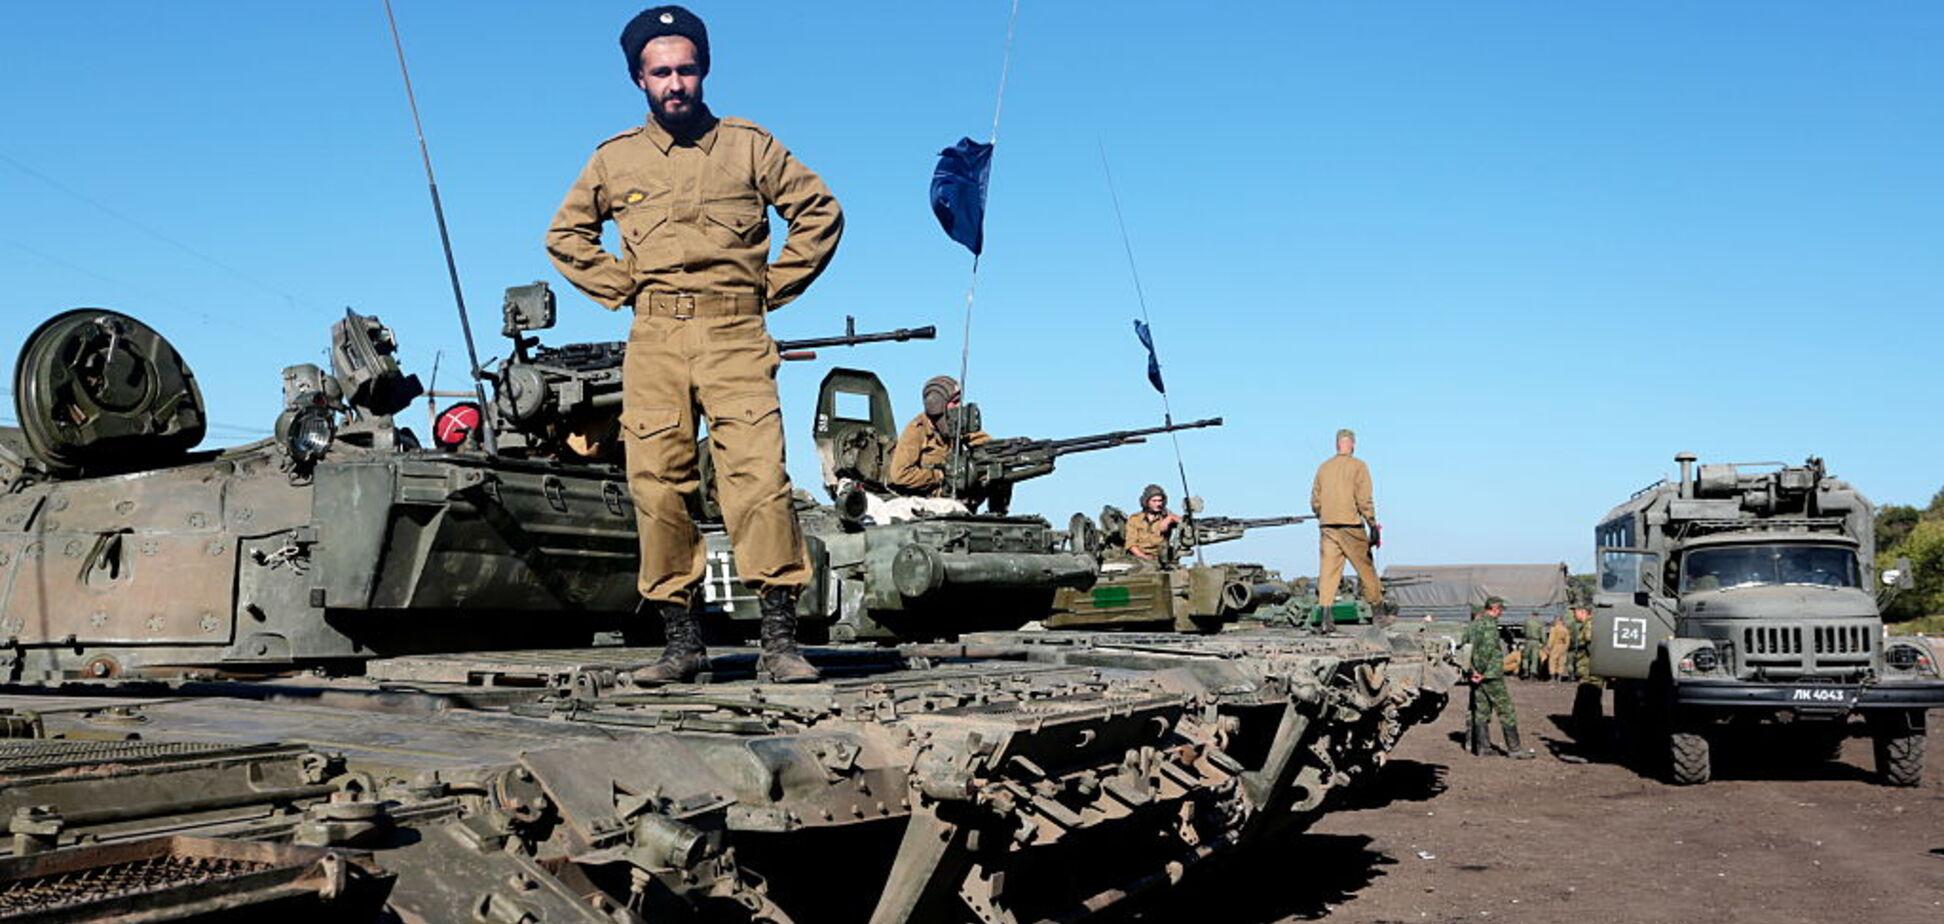 Спрятали 175 танков: ОБСЕ выяснила, где террористы 'Л/ДНР' держат технику